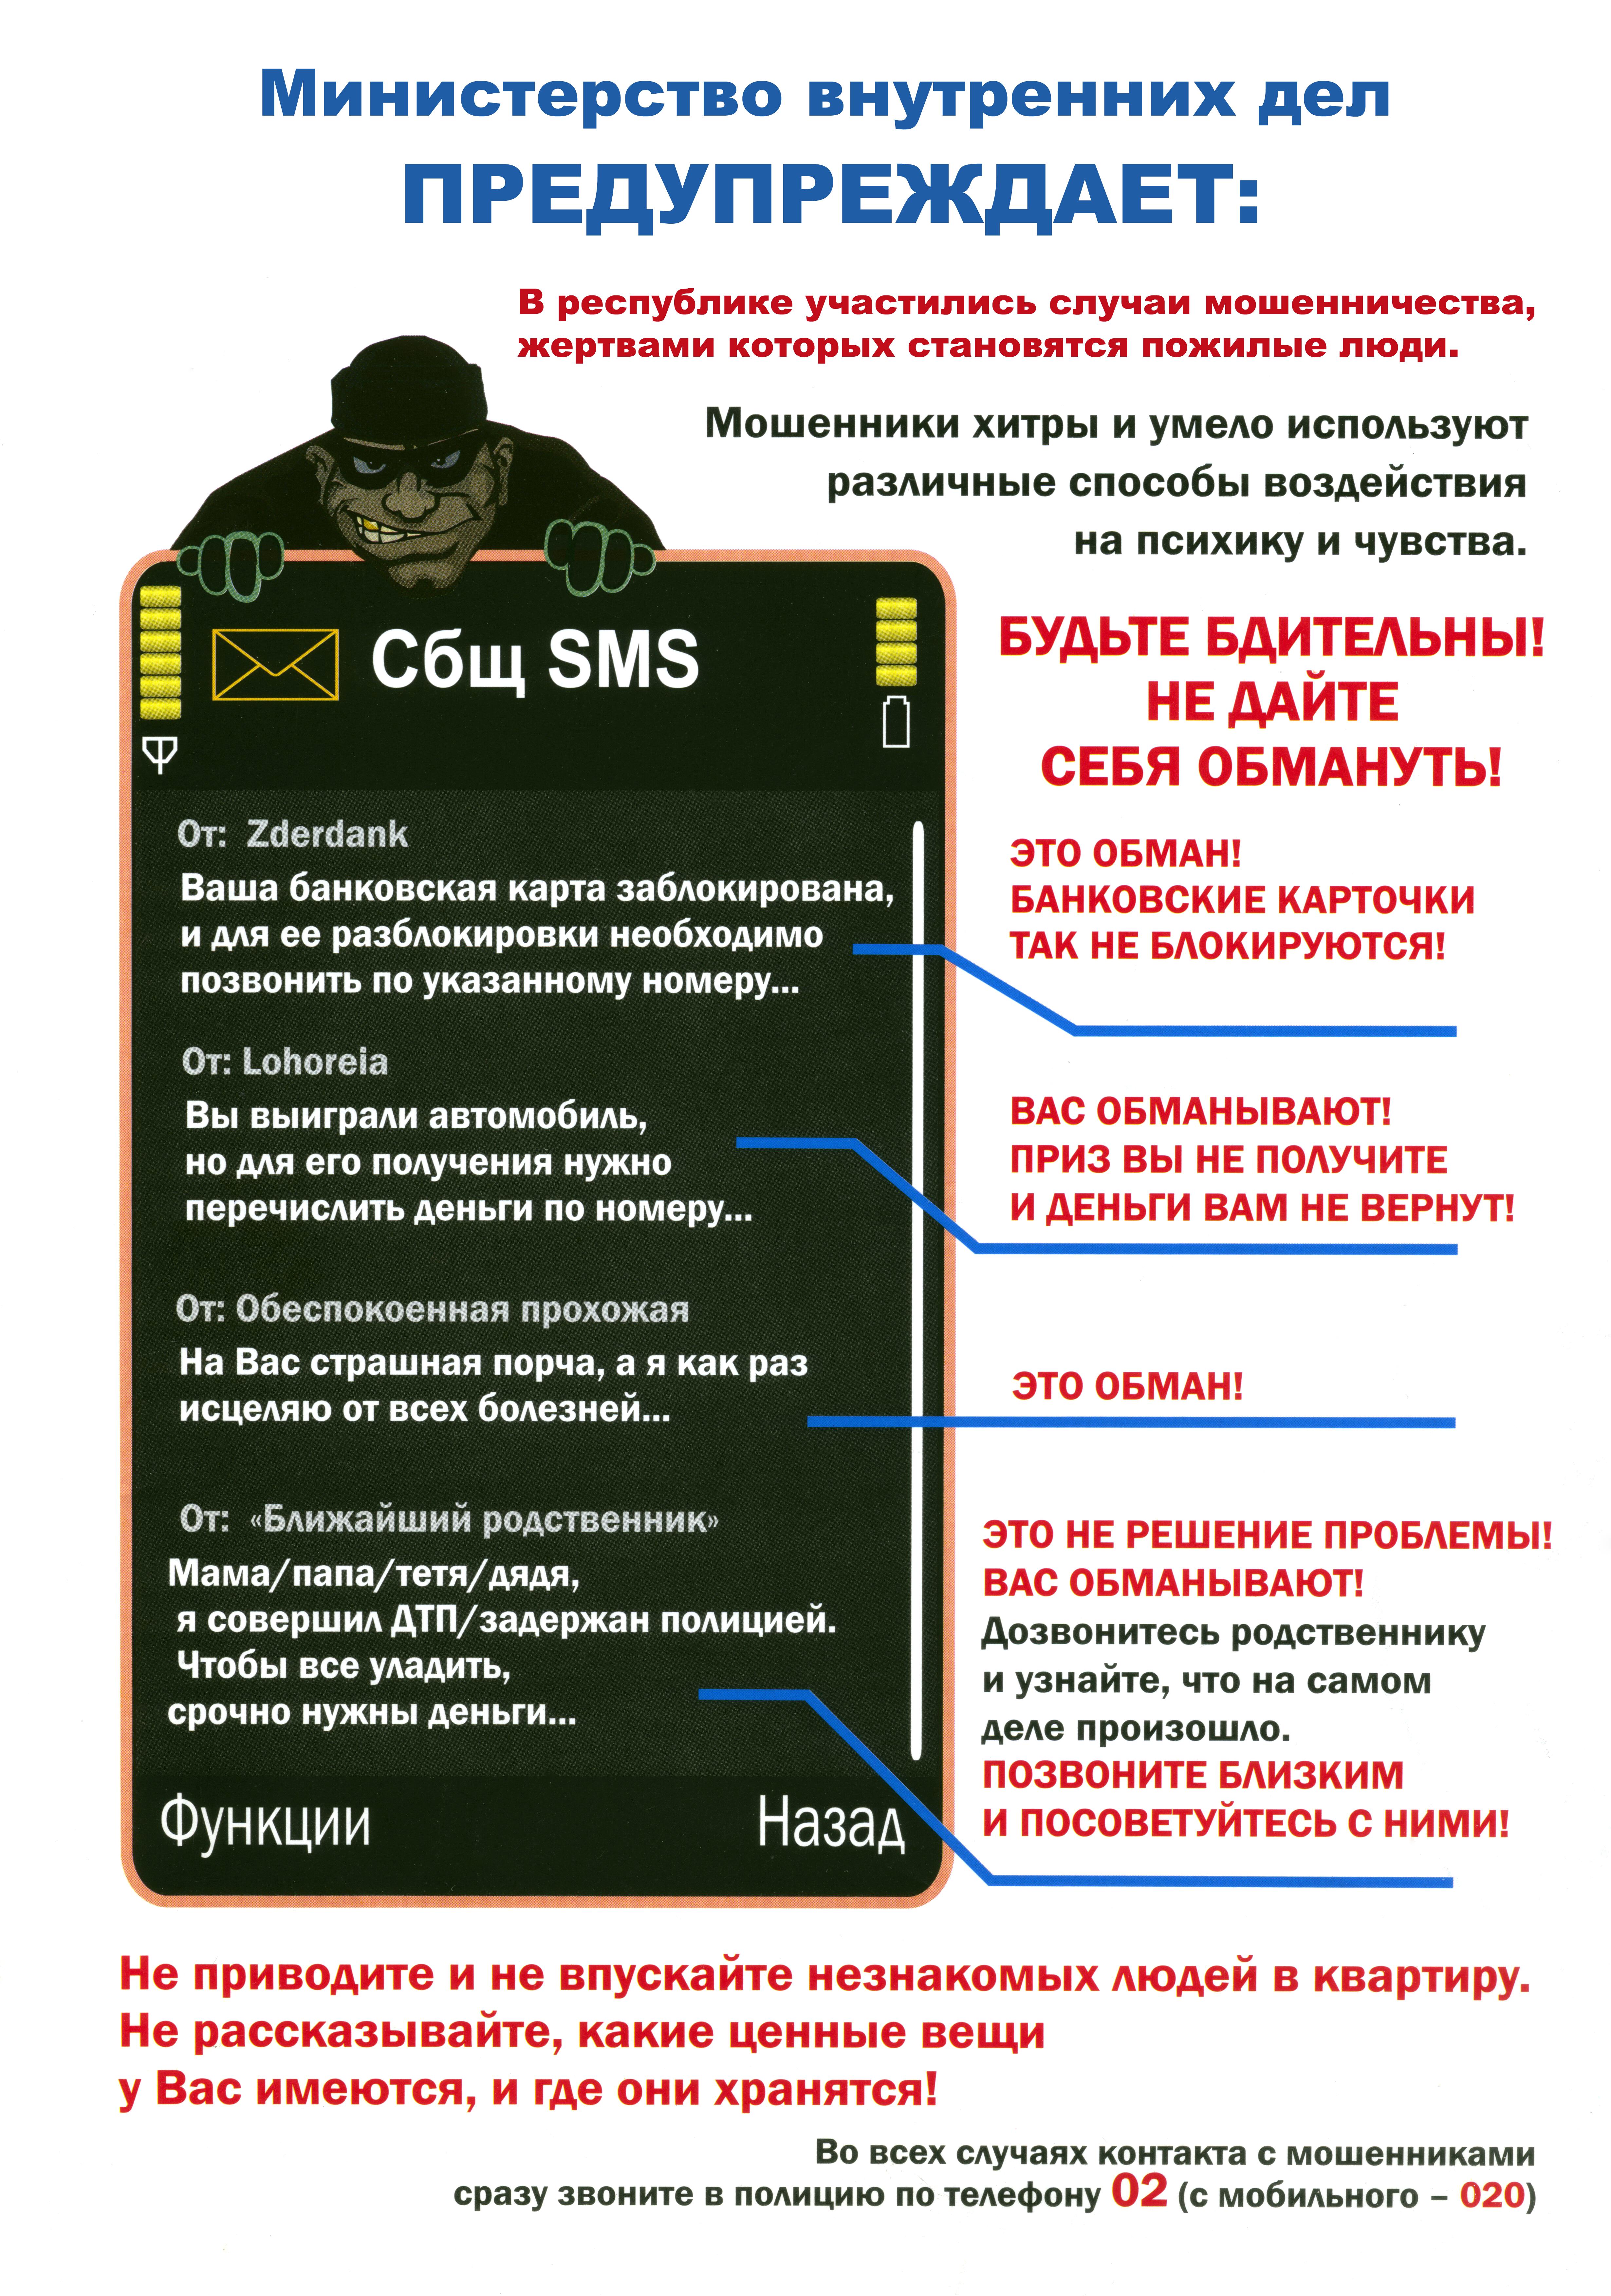 pamjatka-2.jpg